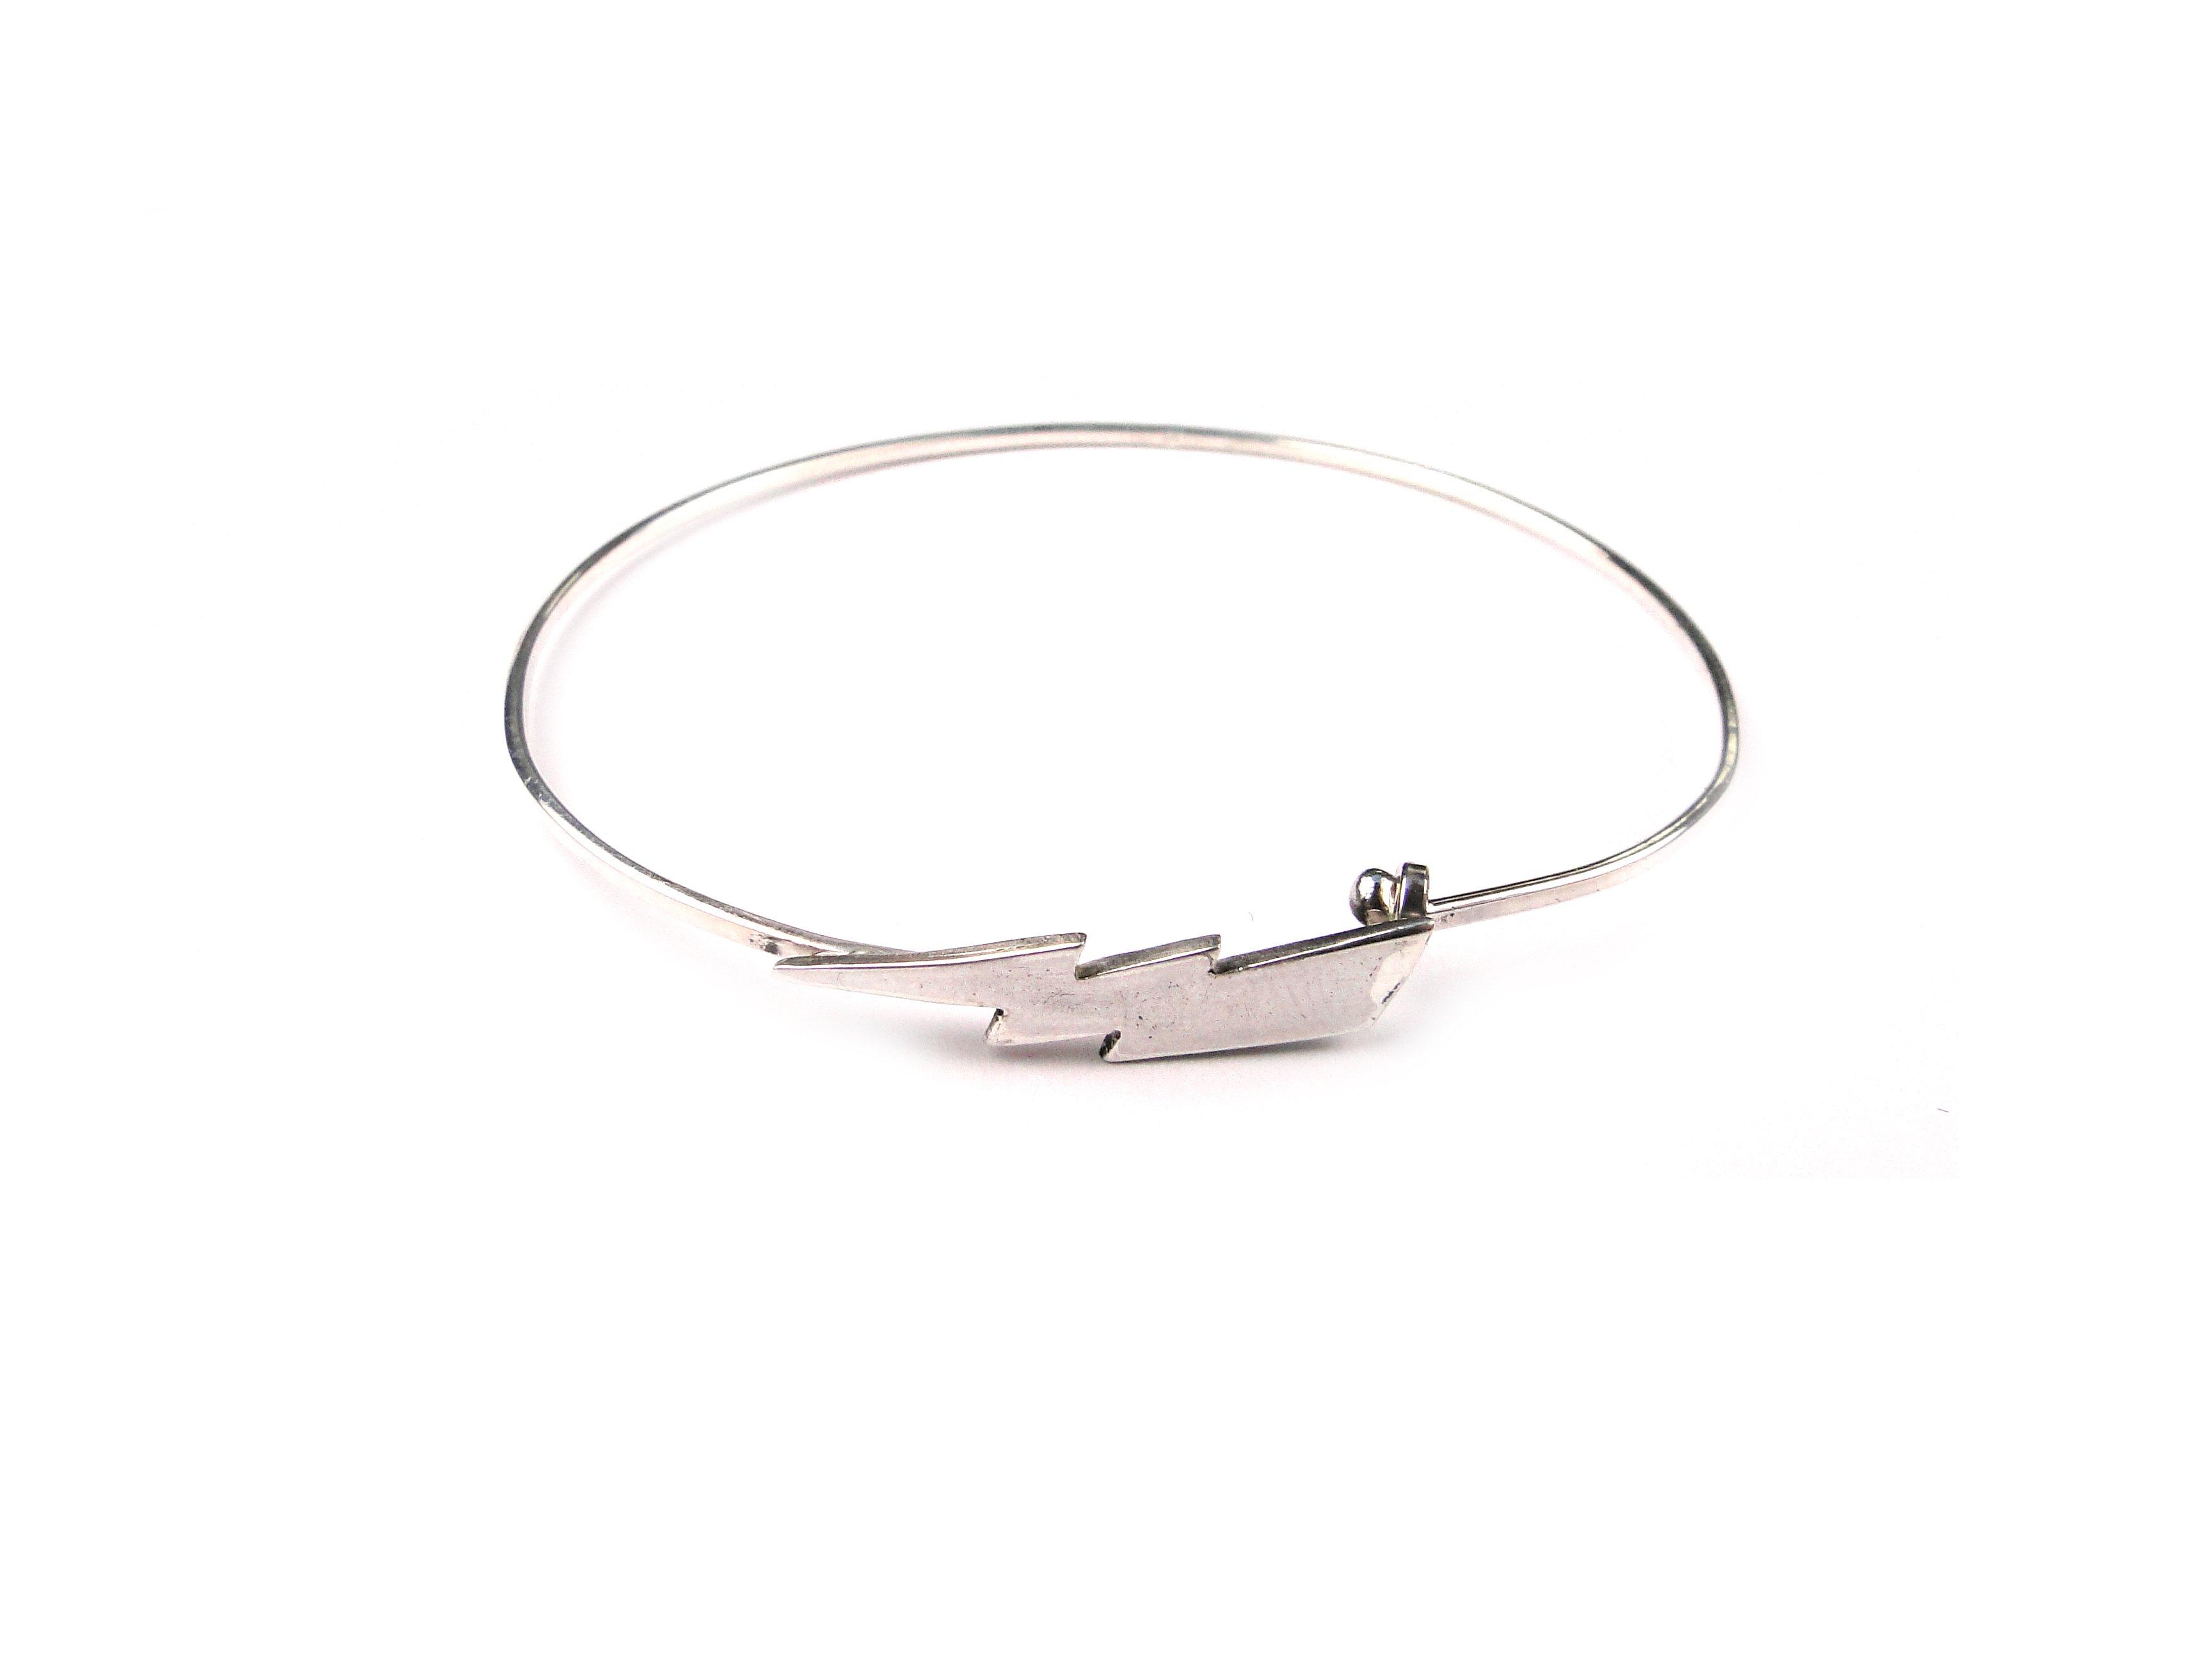 bracelet coup de foudre / gilbert gilbert sur la belle et le barbu